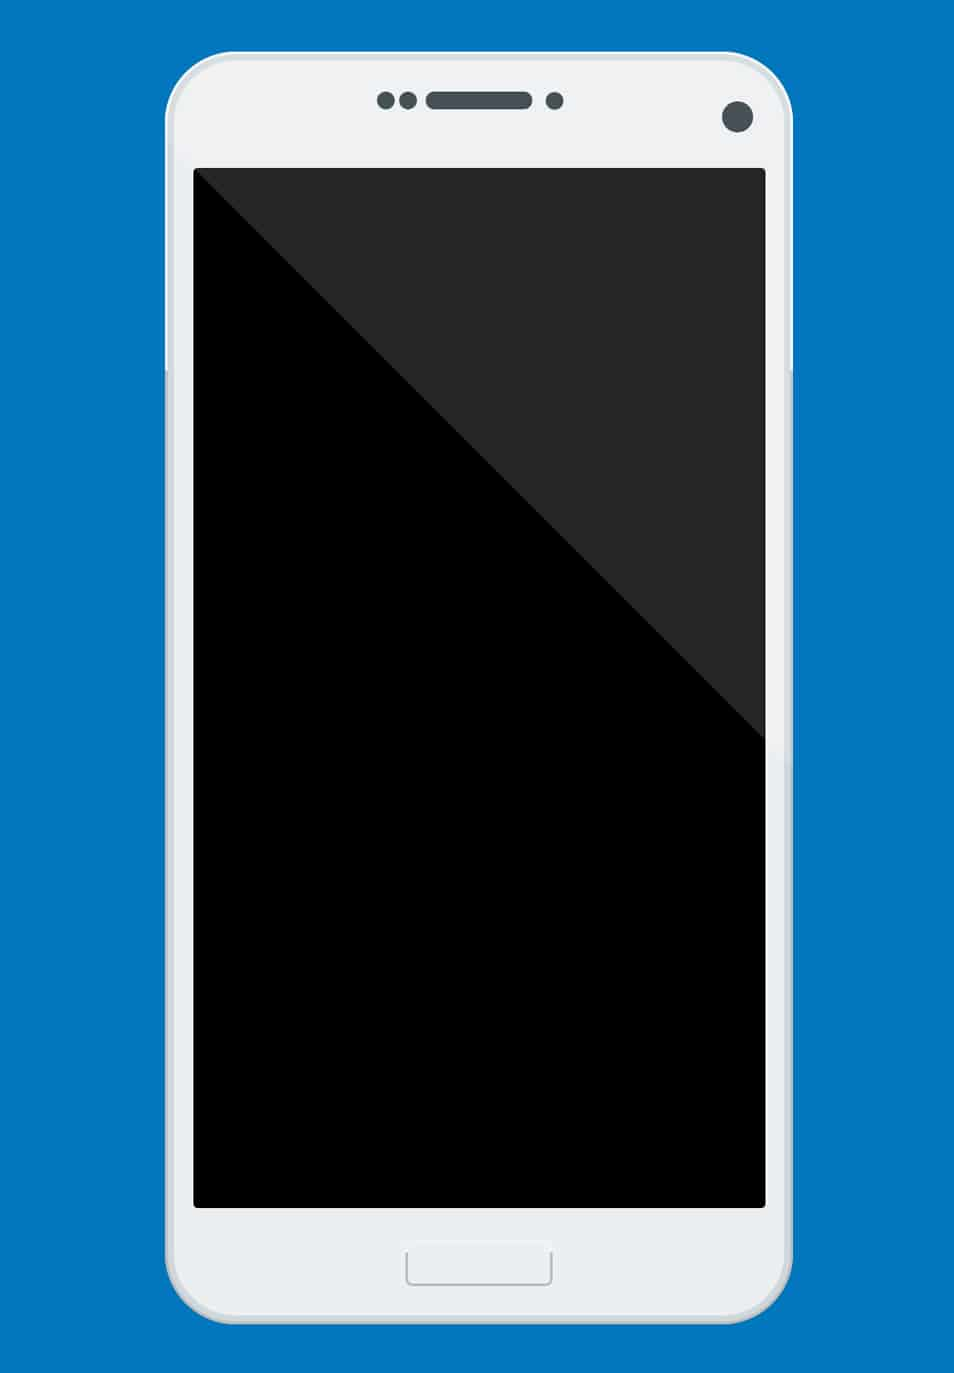 Galaxy S7 Flat PSD